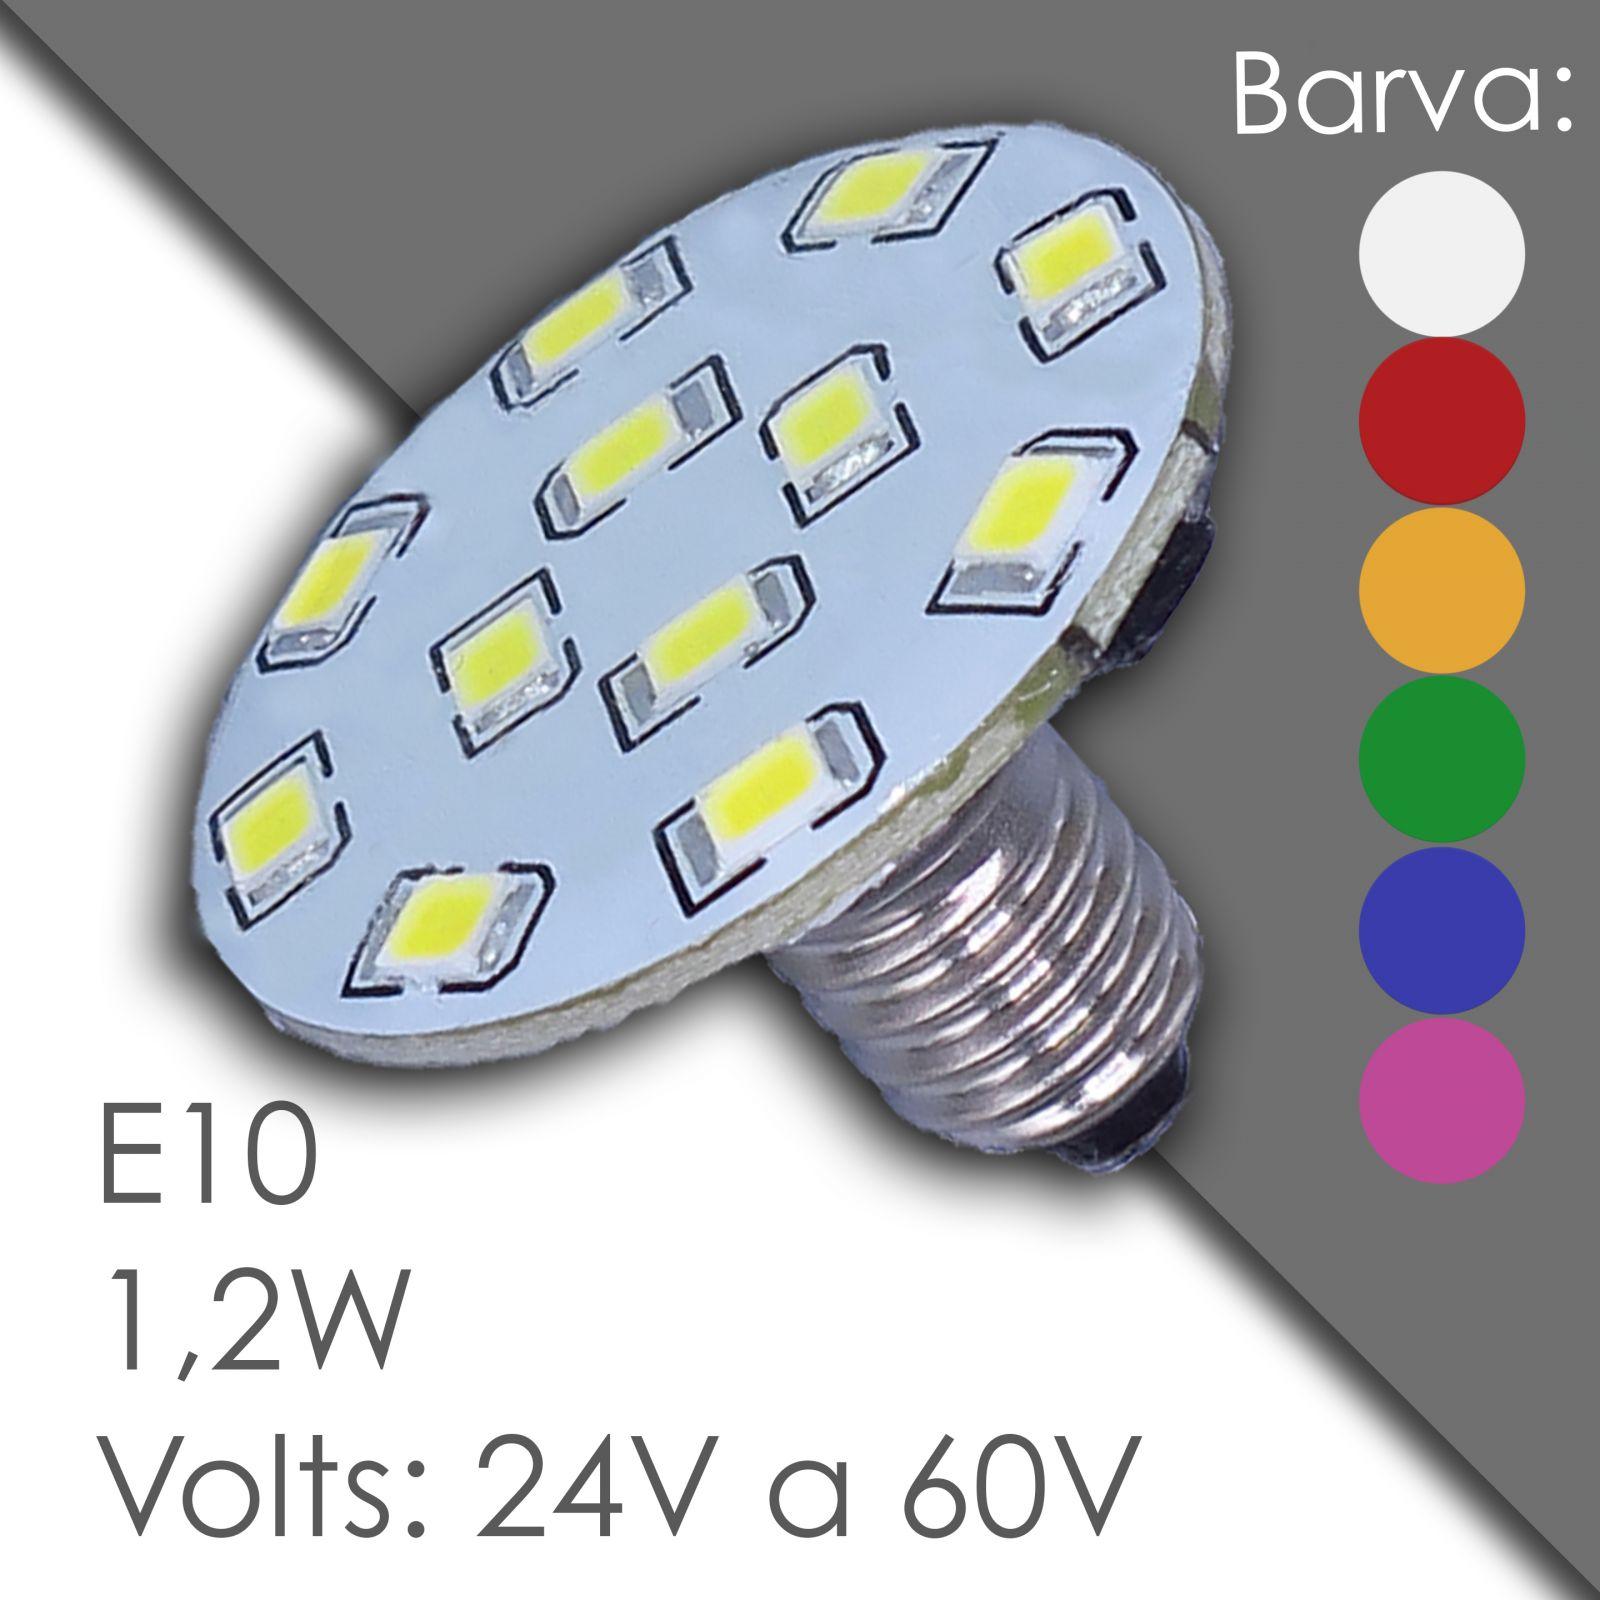 Led E10 - AC 24V, 60V, voděodolný, v gumě